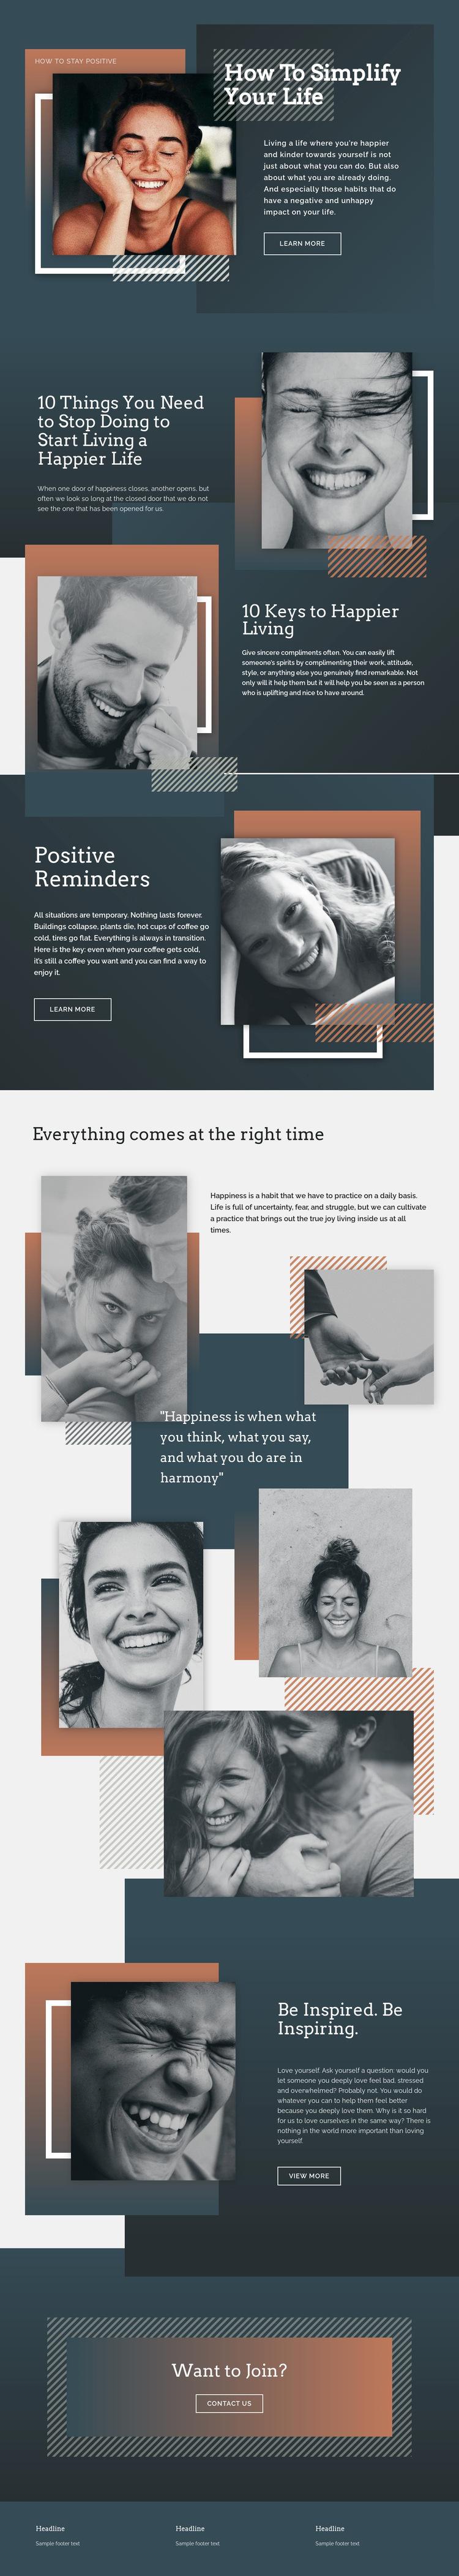 Make your life lighter Web Page Design